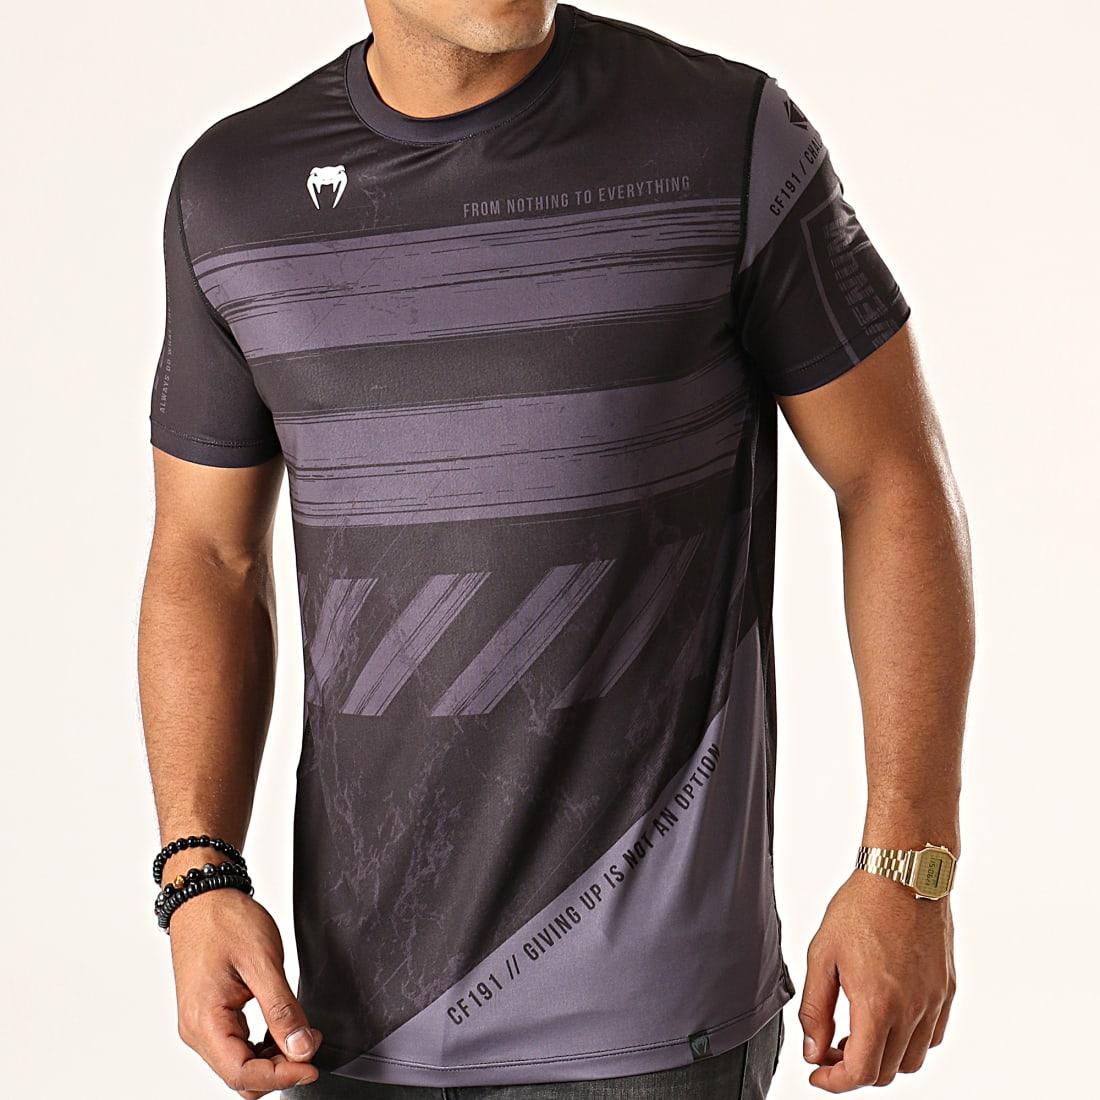 Tee shirt manches courtes Venum Classic noir mc tee Noir 28306 Neuf